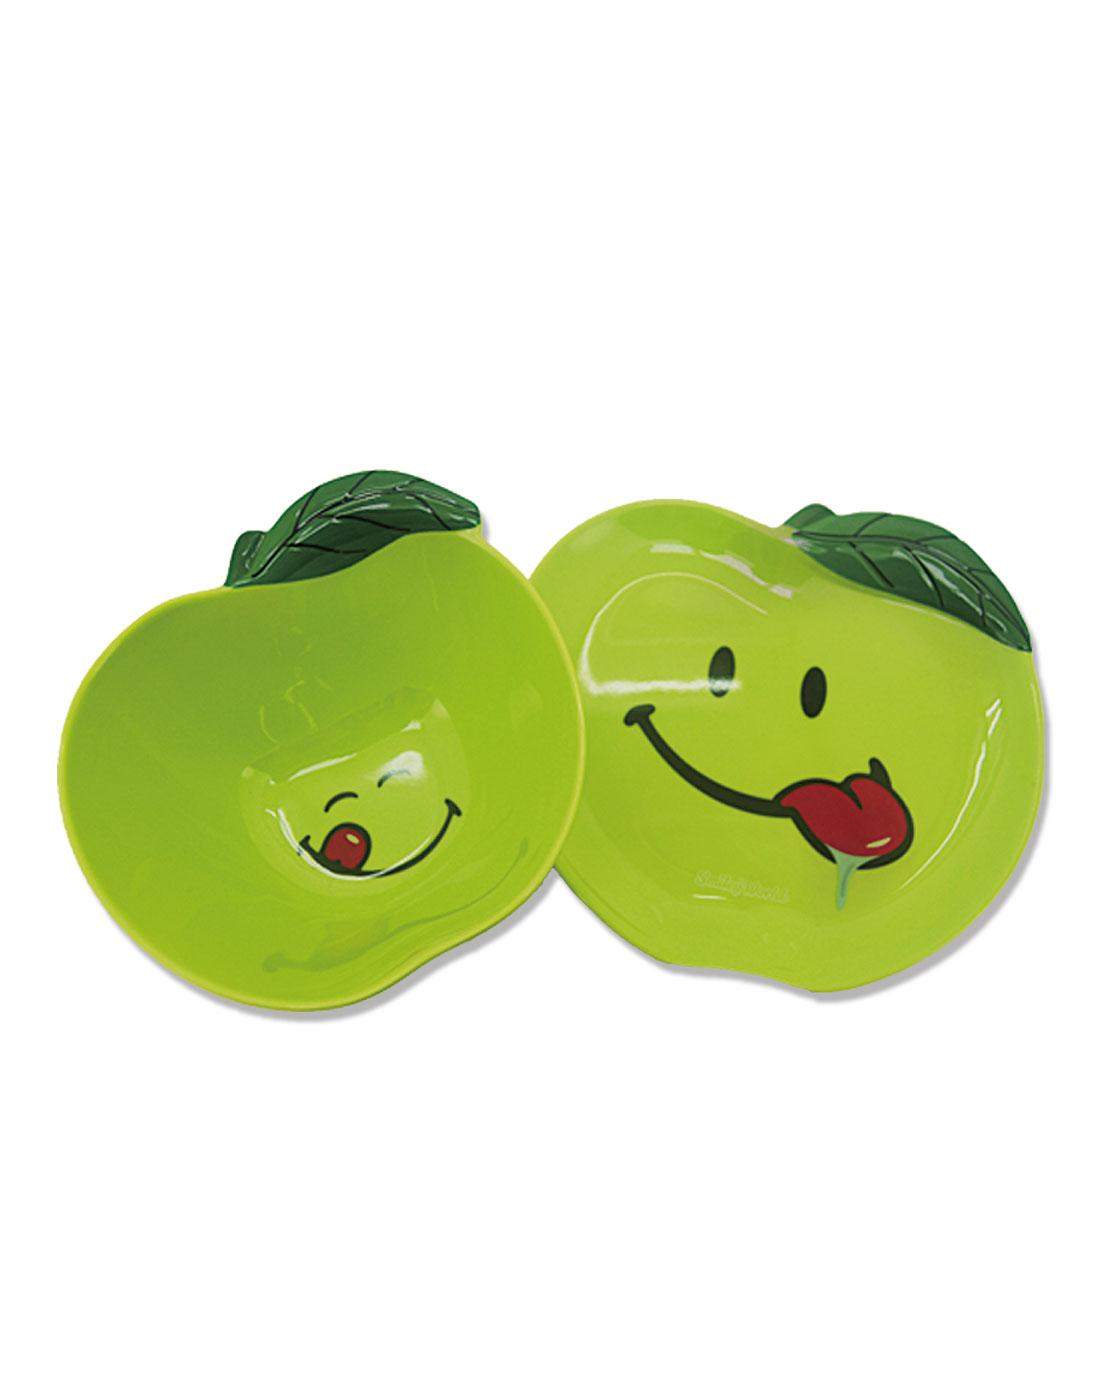 苹果笑脸图片大全可爱